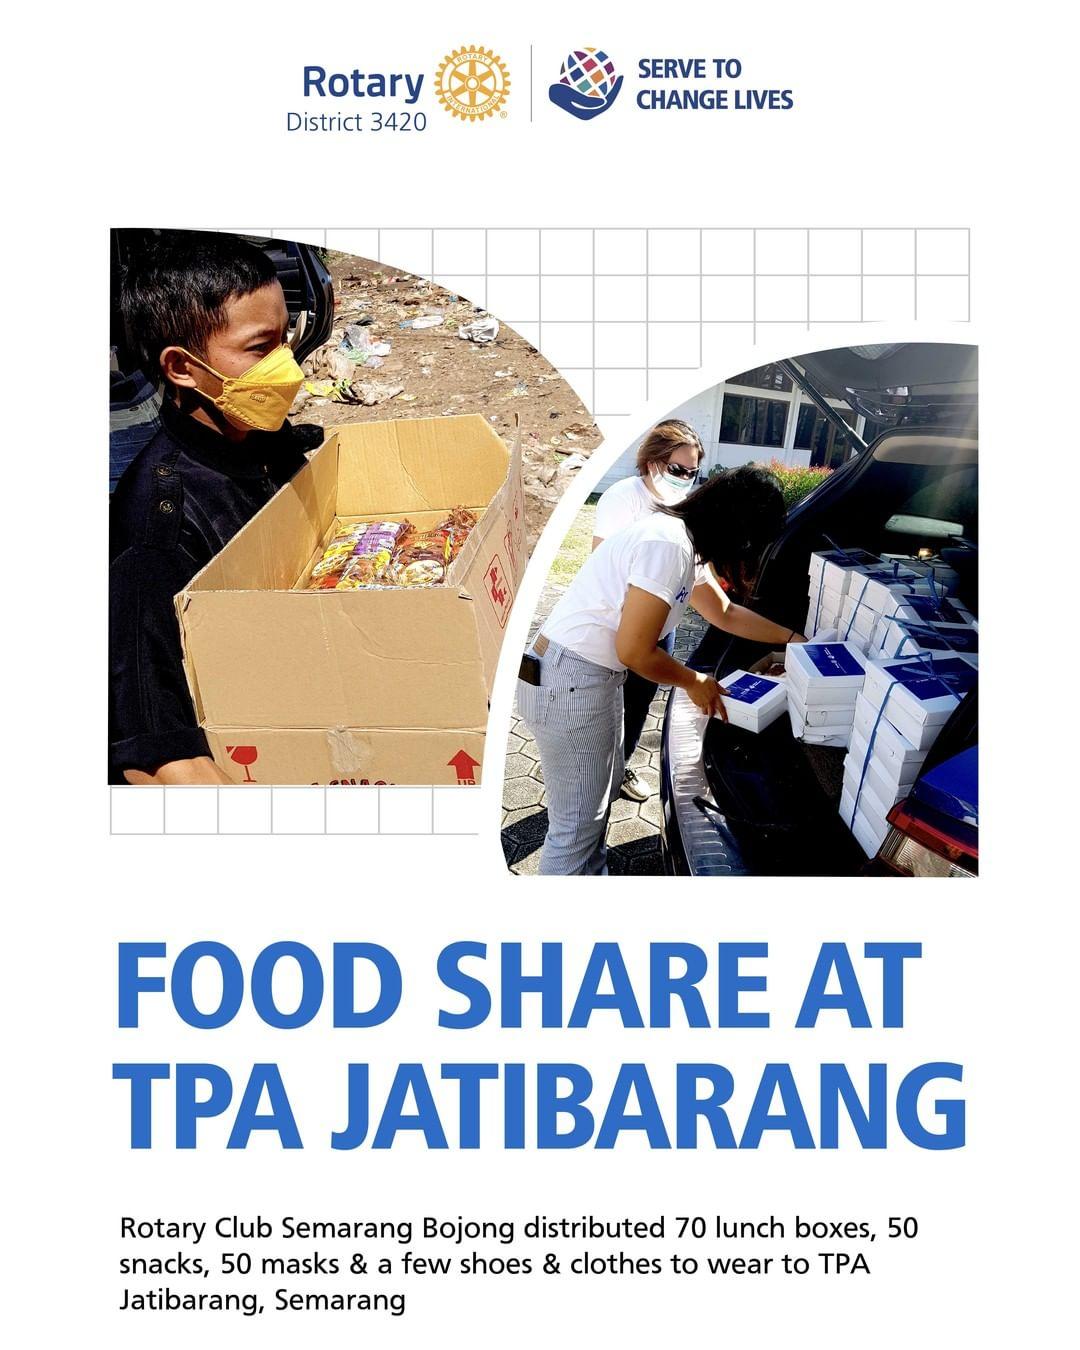 Food Share at TPA Jatibarang